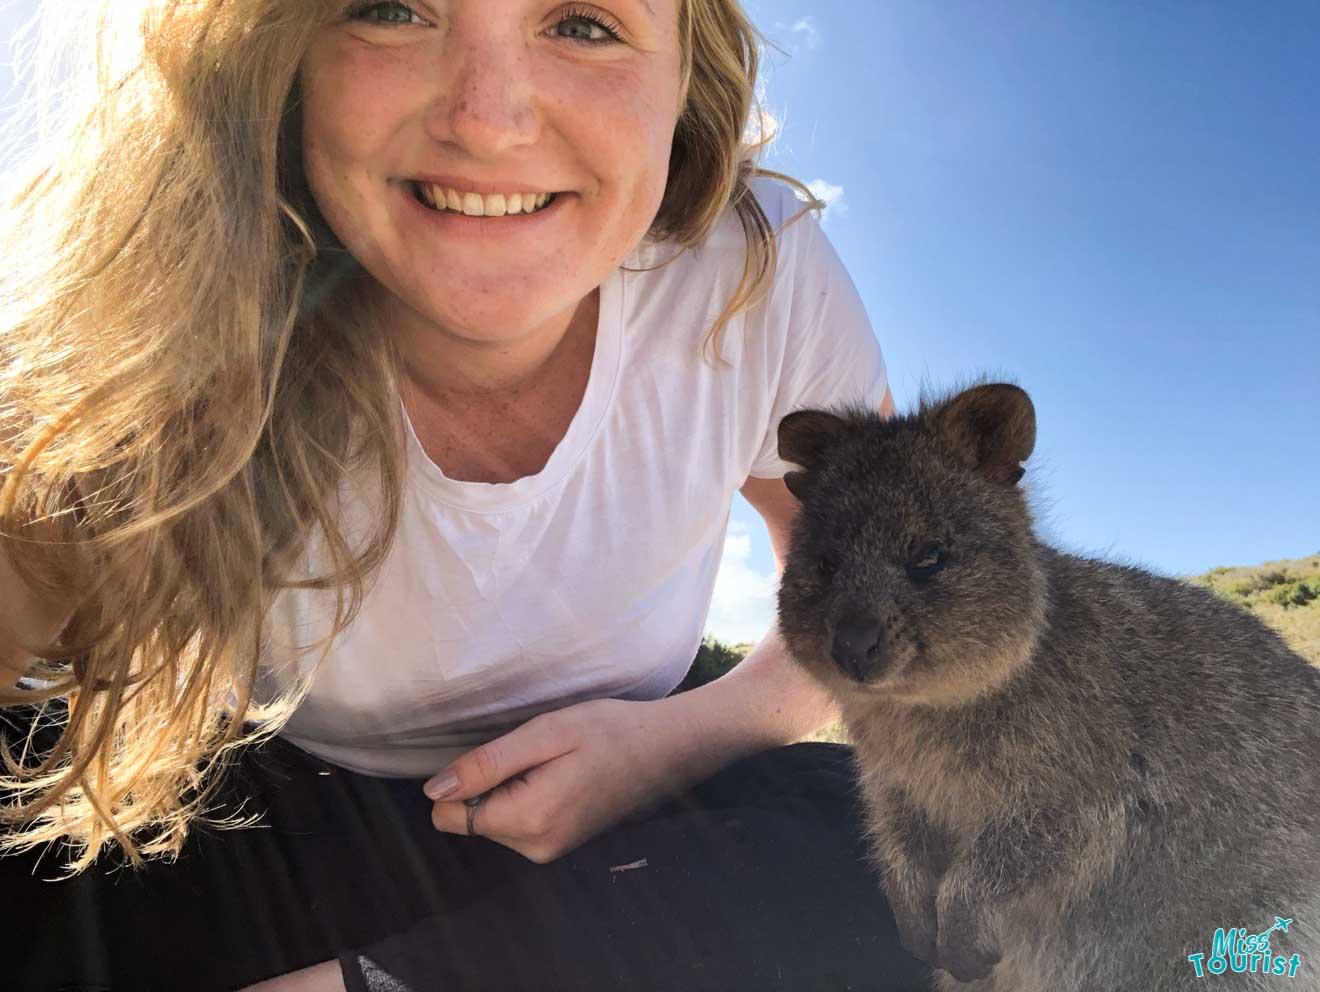 cosas que hacer foto con animales Australia Occidental viaje por carretera